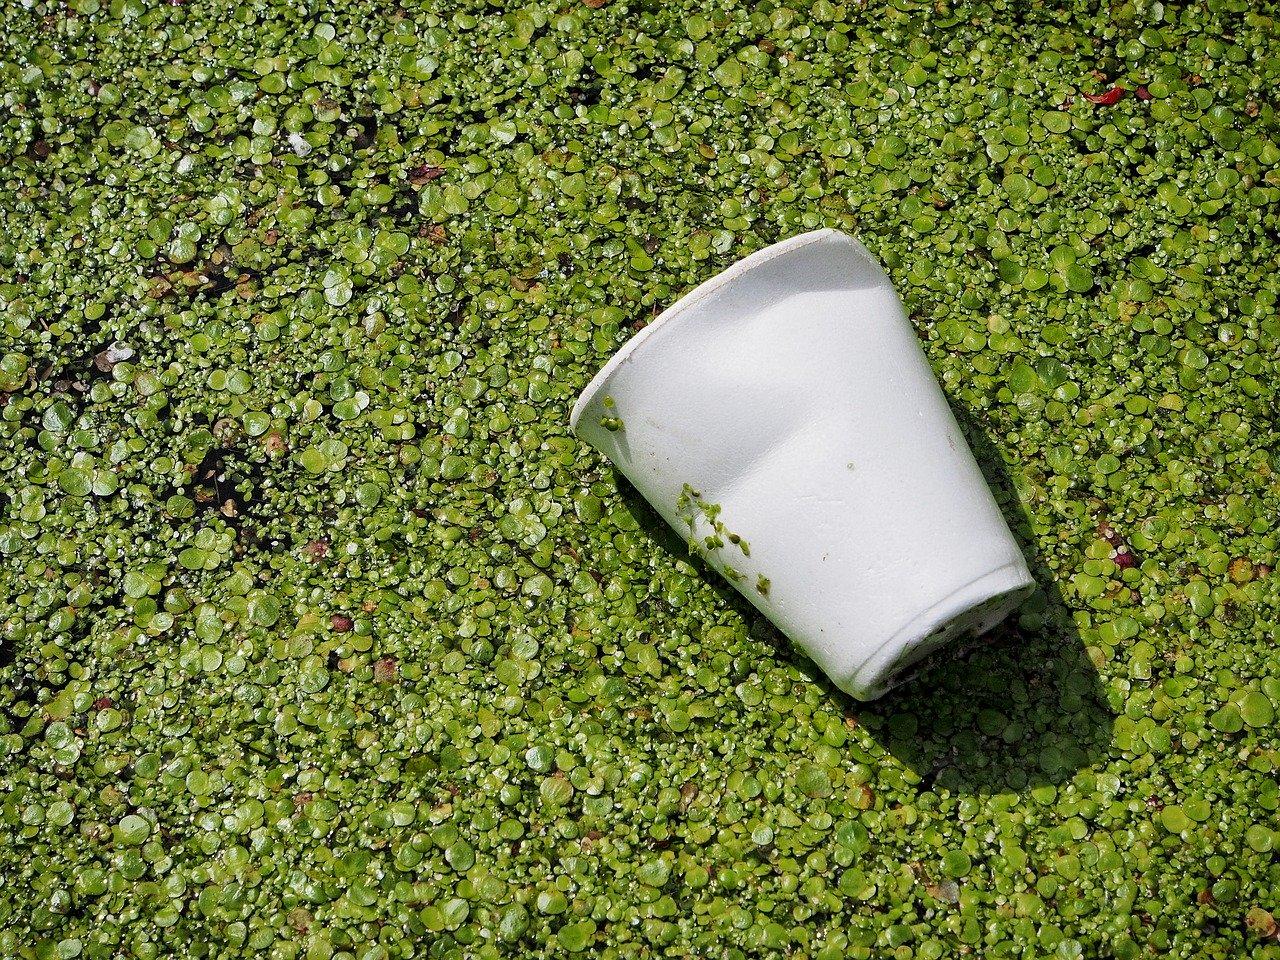 土に還るプラスチックカップ